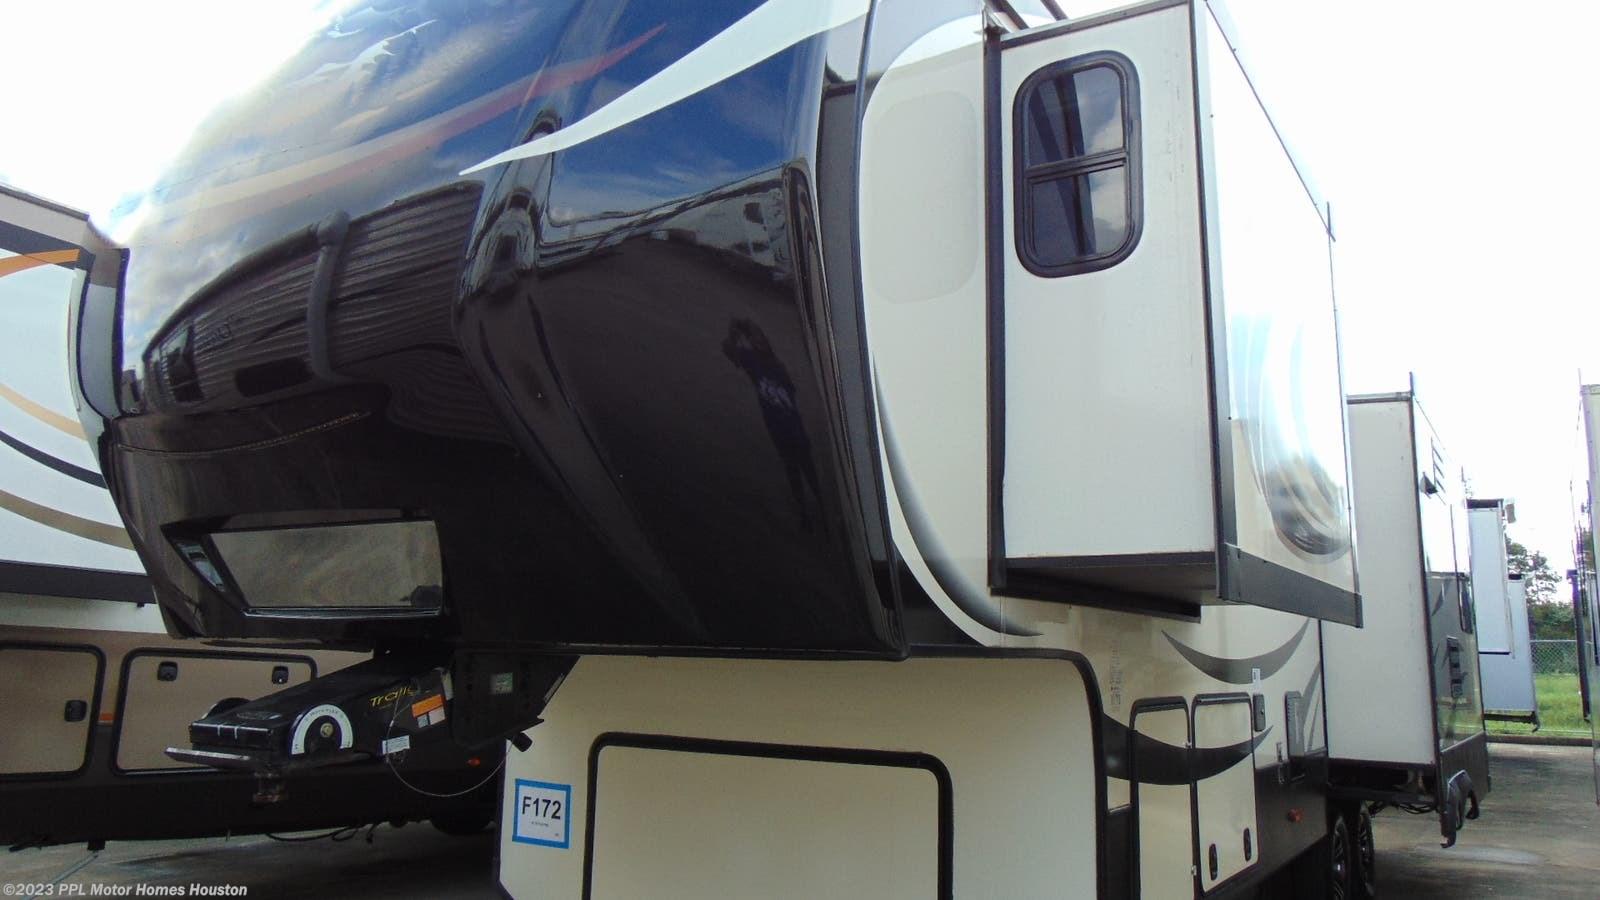 Keystone Fifth Wheel Dealer Houston Tx >> 2014 Keystone Rv Alpine 3010re For Sale In Houston Tx 77074 F172